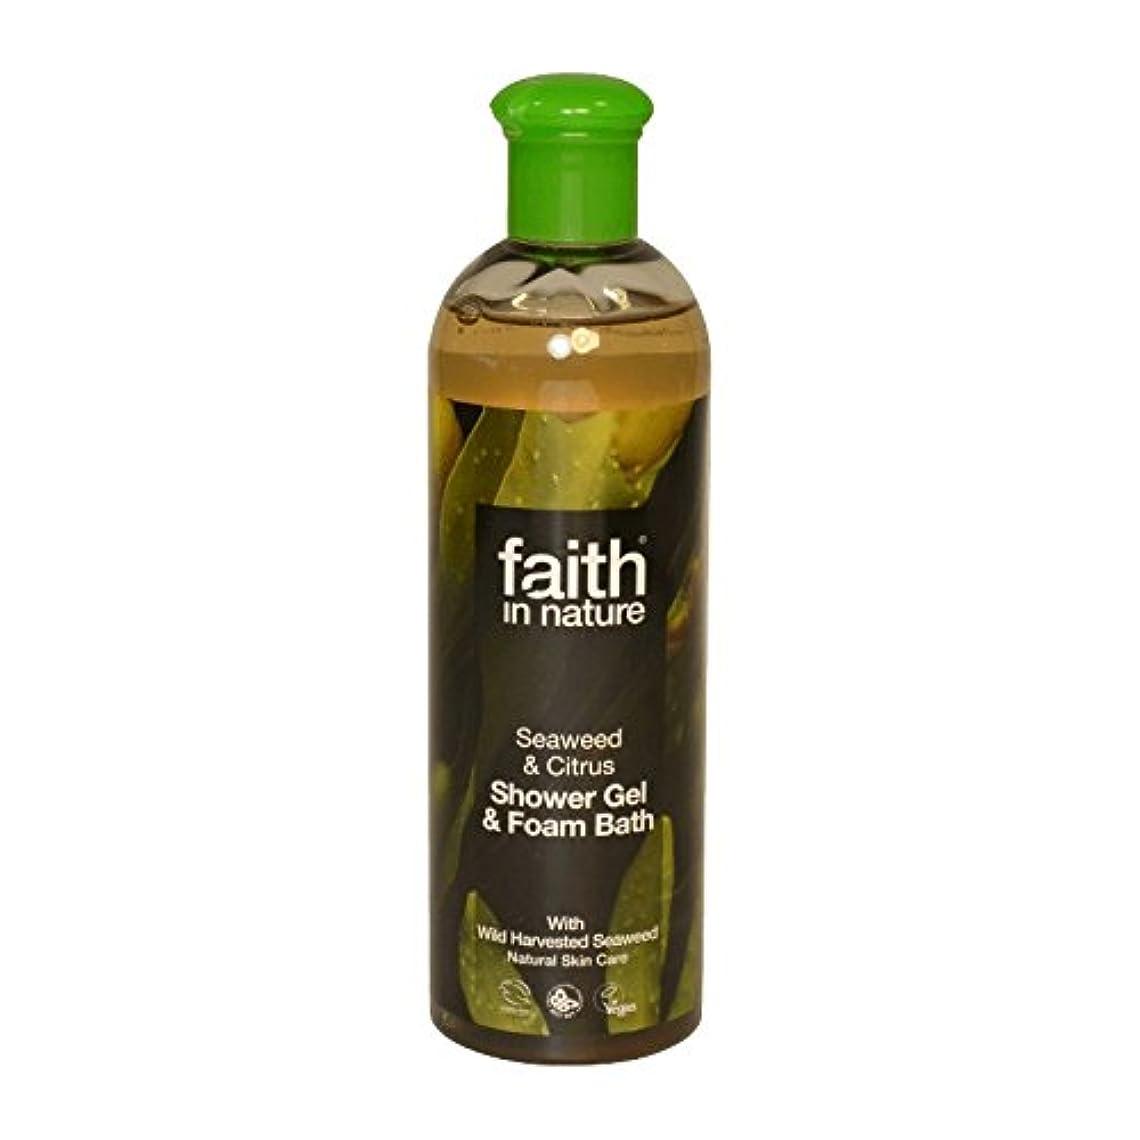 不適切な硬化する適度な自然の海藻&シトラスシャワージェル&バス泡400ミリリットルの信仰 - Faith in Nature Seaweed & Citrus Shower Gel & Bath Foam 400ml (Faith in Nature) [並行輸入品]